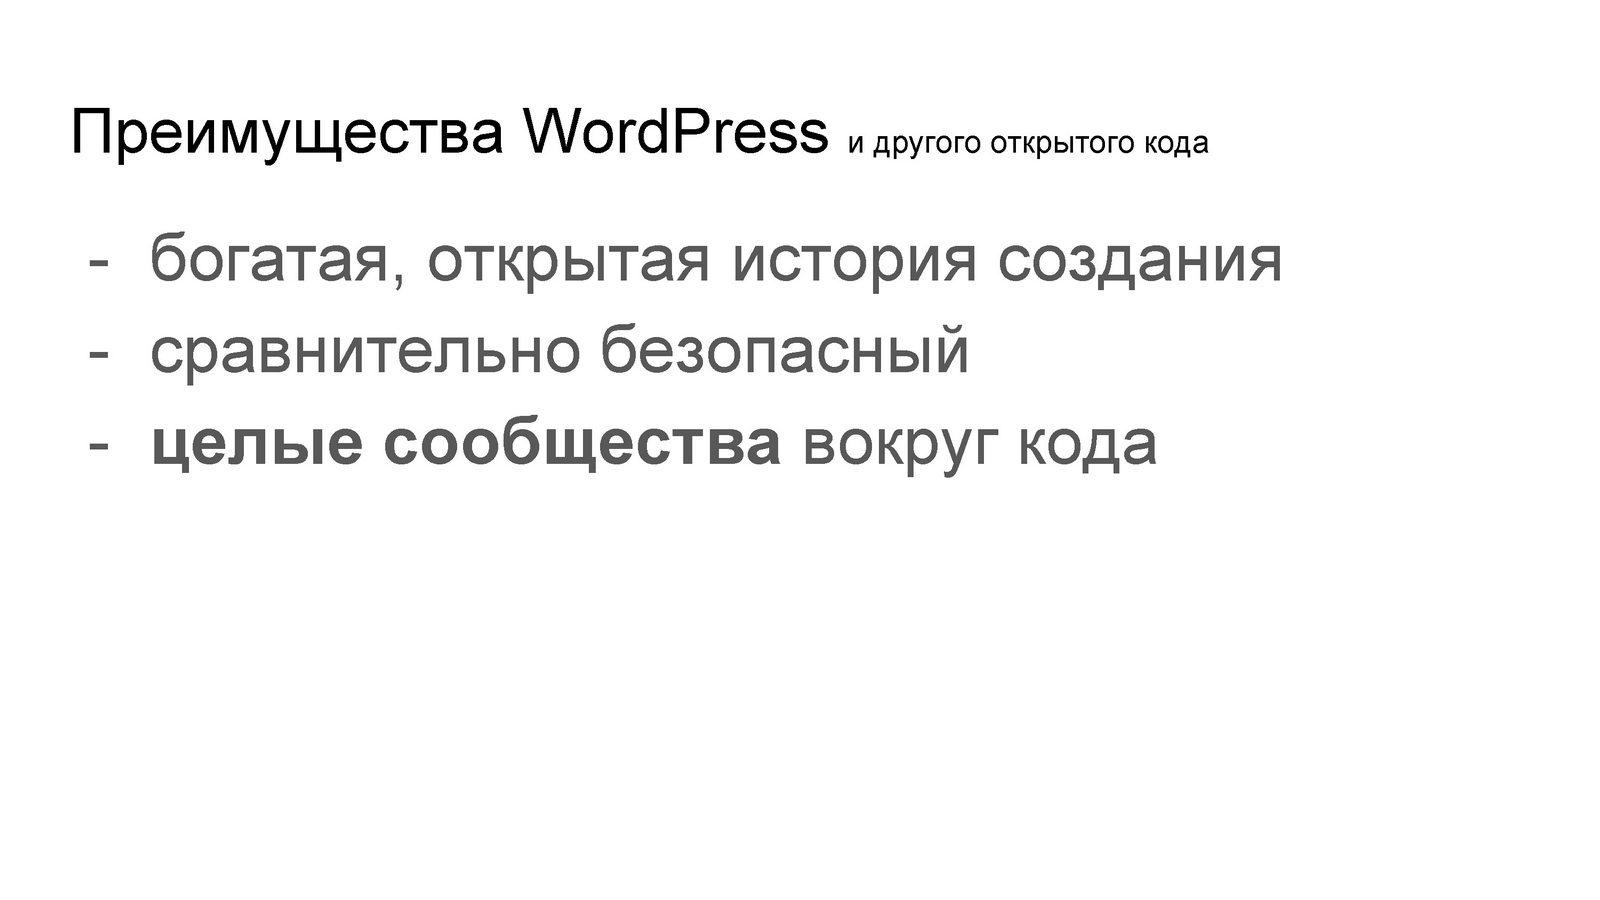 Чистый код или WordPress — Геннадий Ковшенин_Page_33